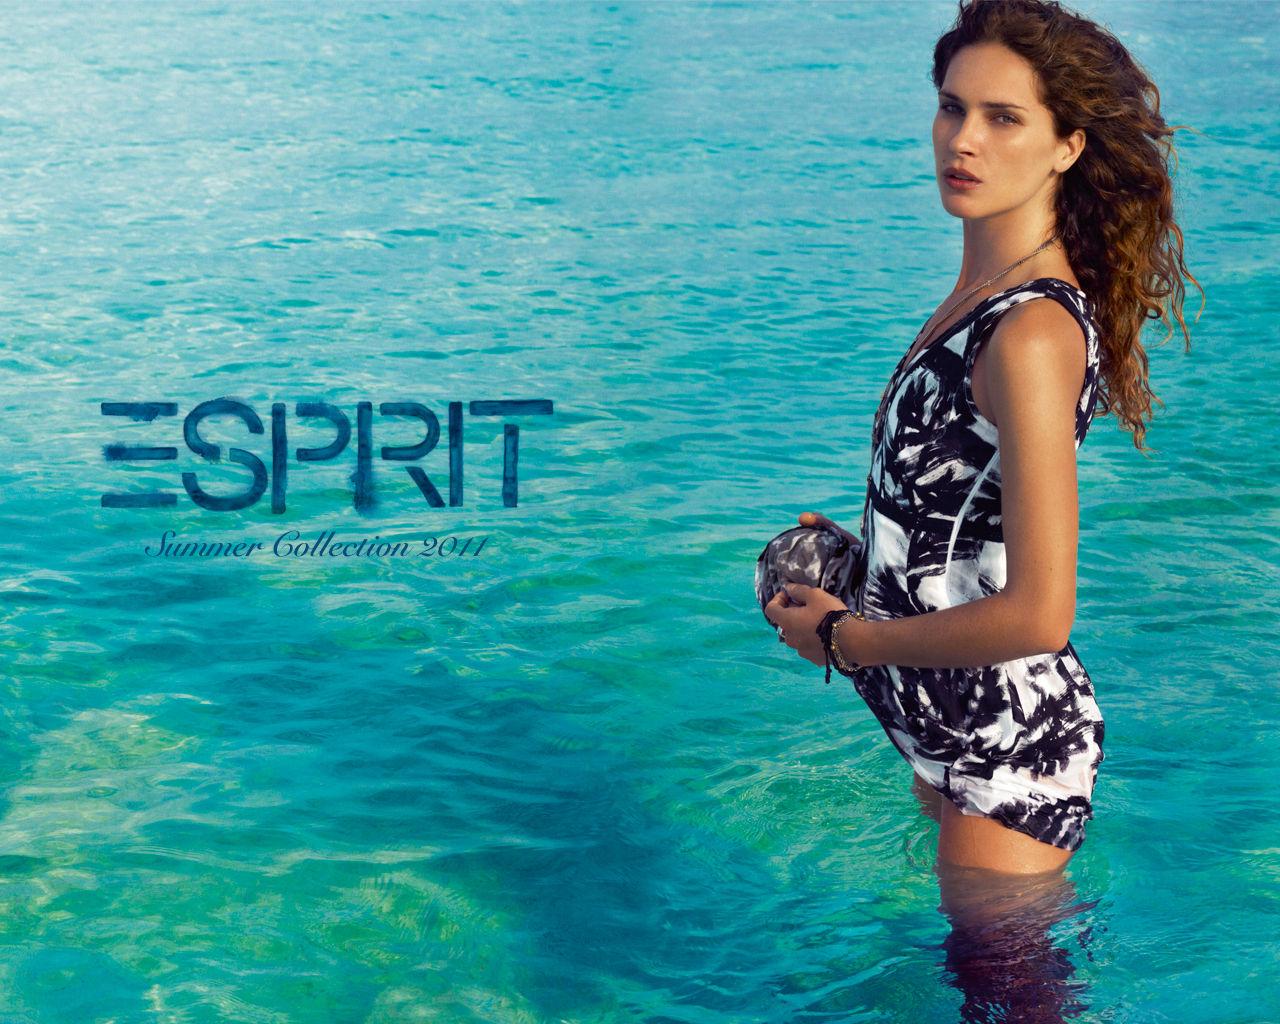 Kristen Stewart Gallery: Erin Wasson (Espirit Campaign S/S 2011) HQ ...